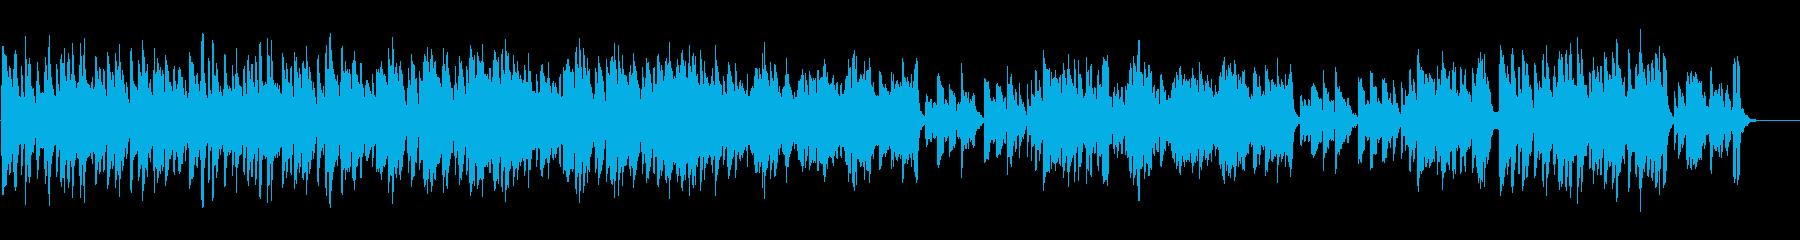 マリンバ等による明るいアンサンブルの再生済みの波形